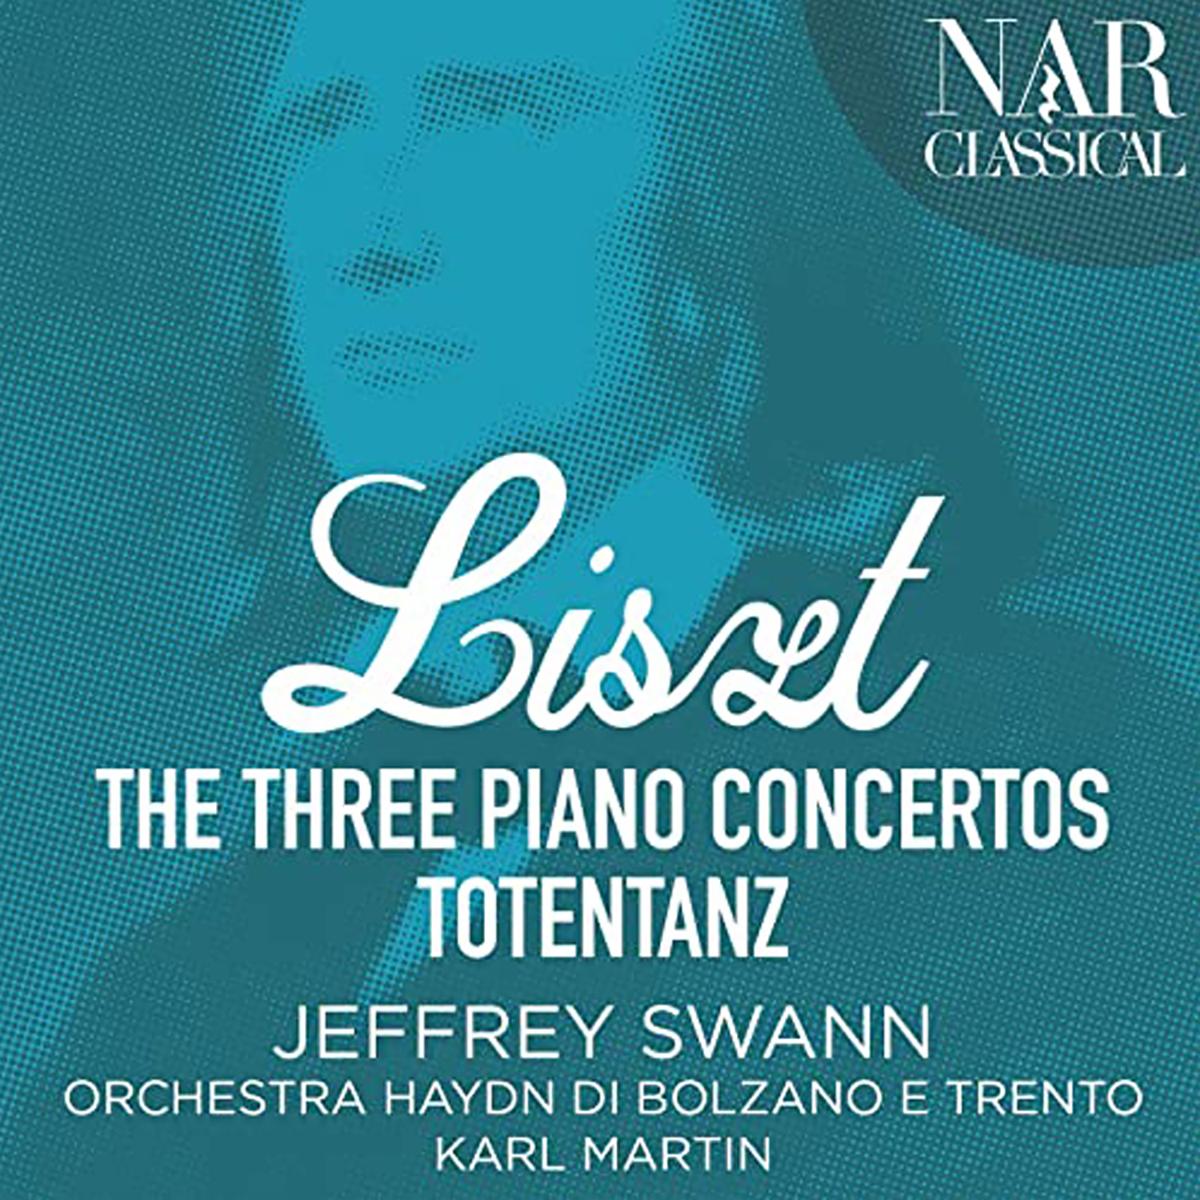 Franz Liszt - The Three Piano Concertos (Totentanz)